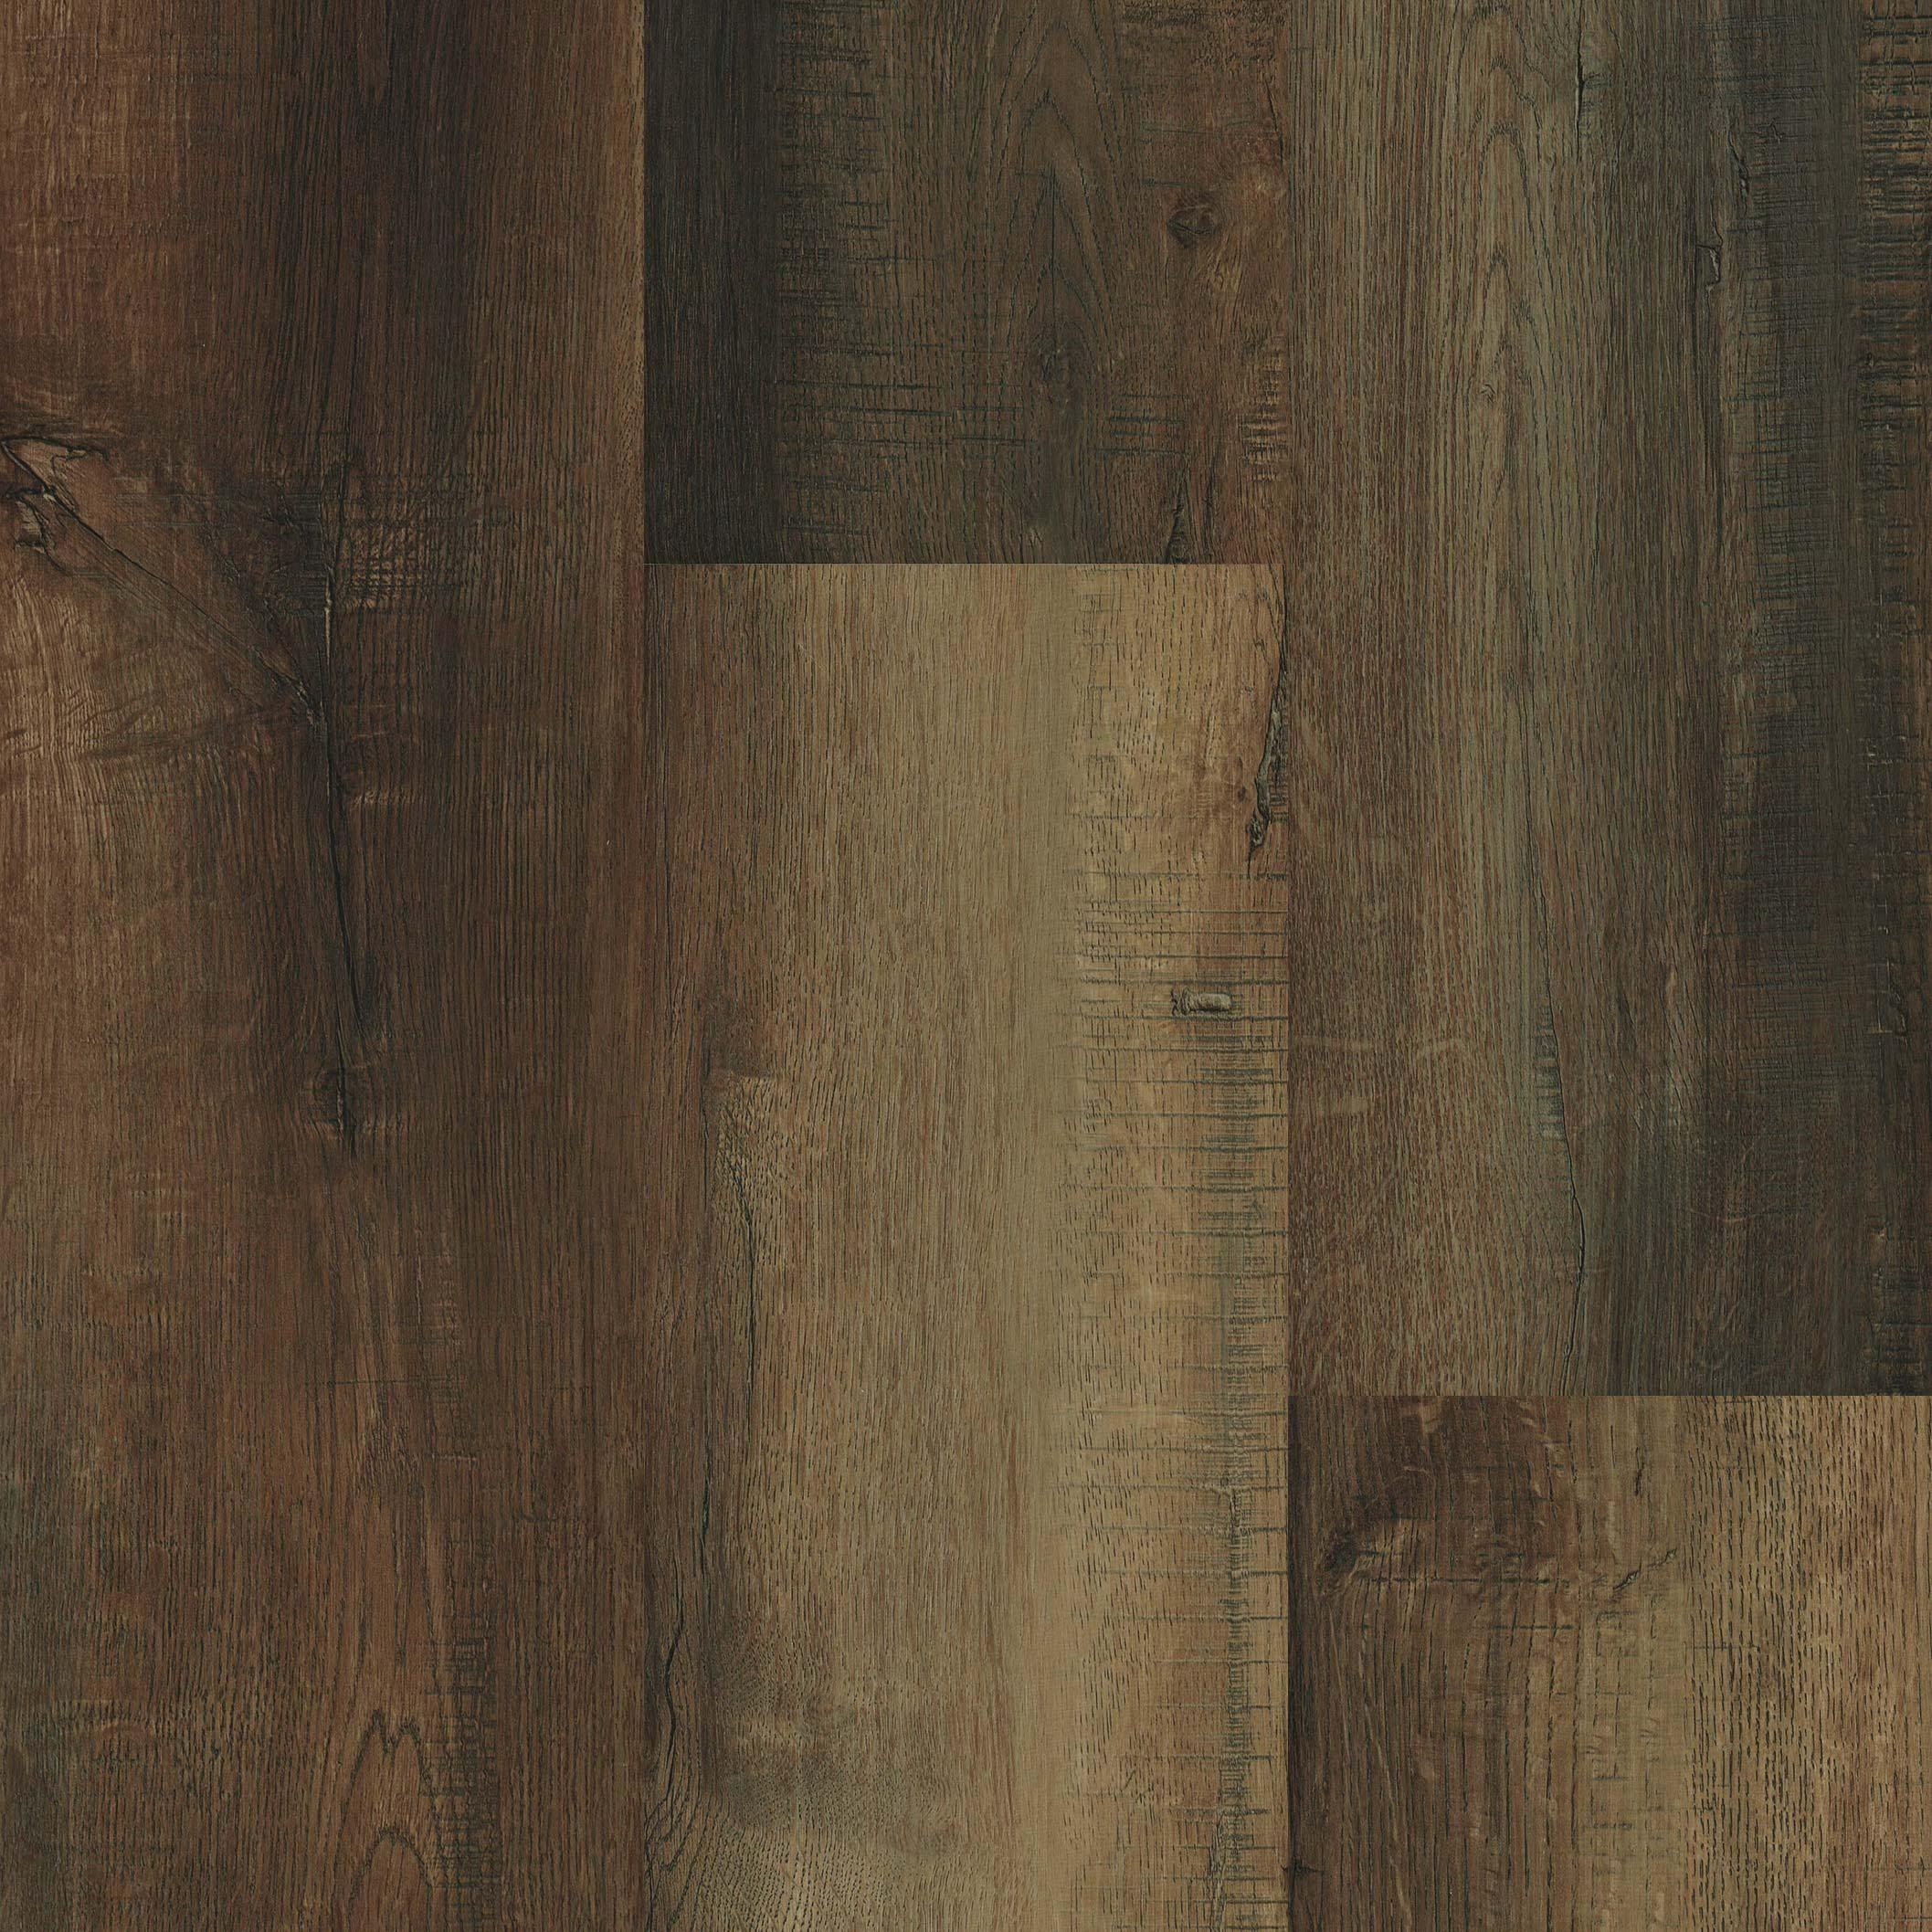 Ponderosa Oak Engineered Vinyl Plank